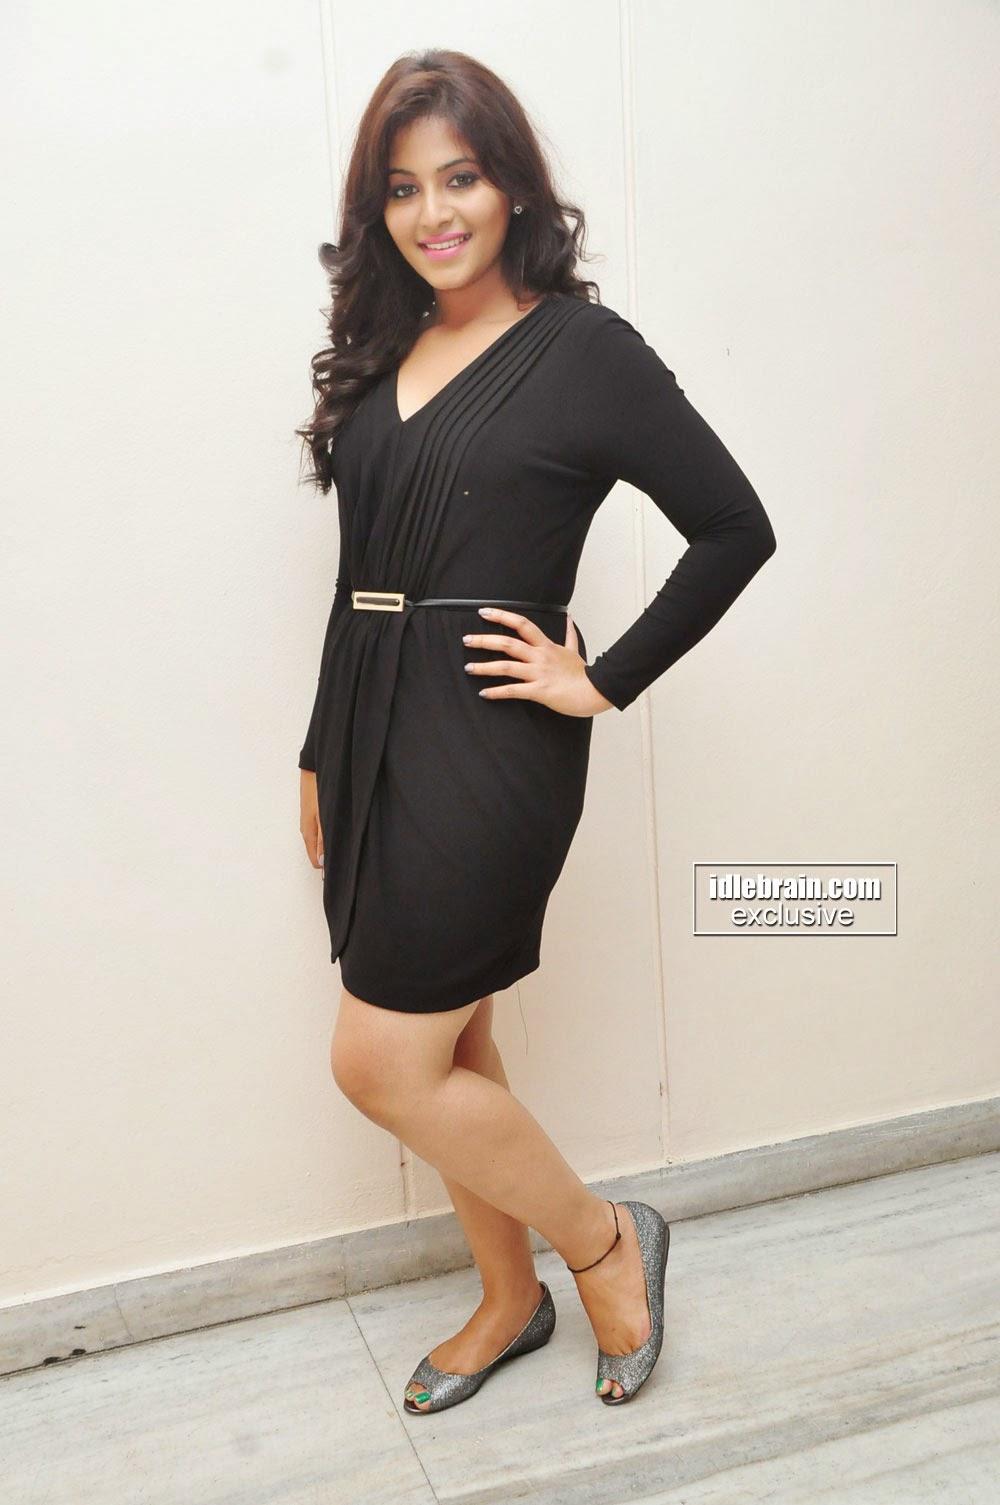 Anjali milky black